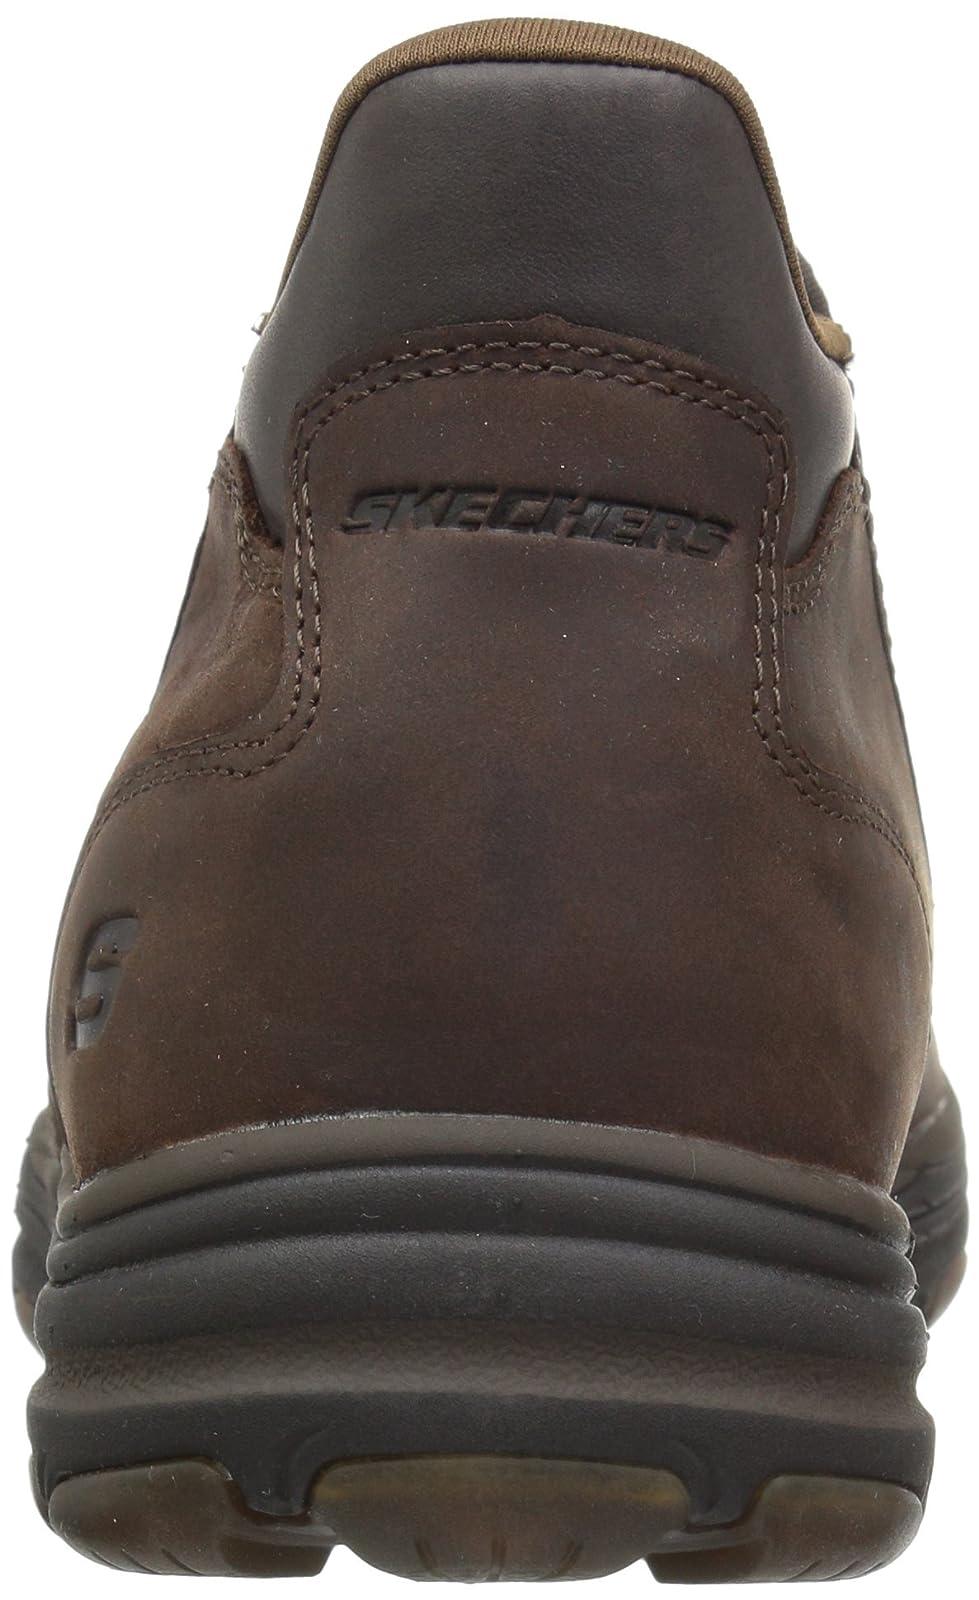 Skechers Men's Garton Keven Ankle Bootie 8 M US - 2